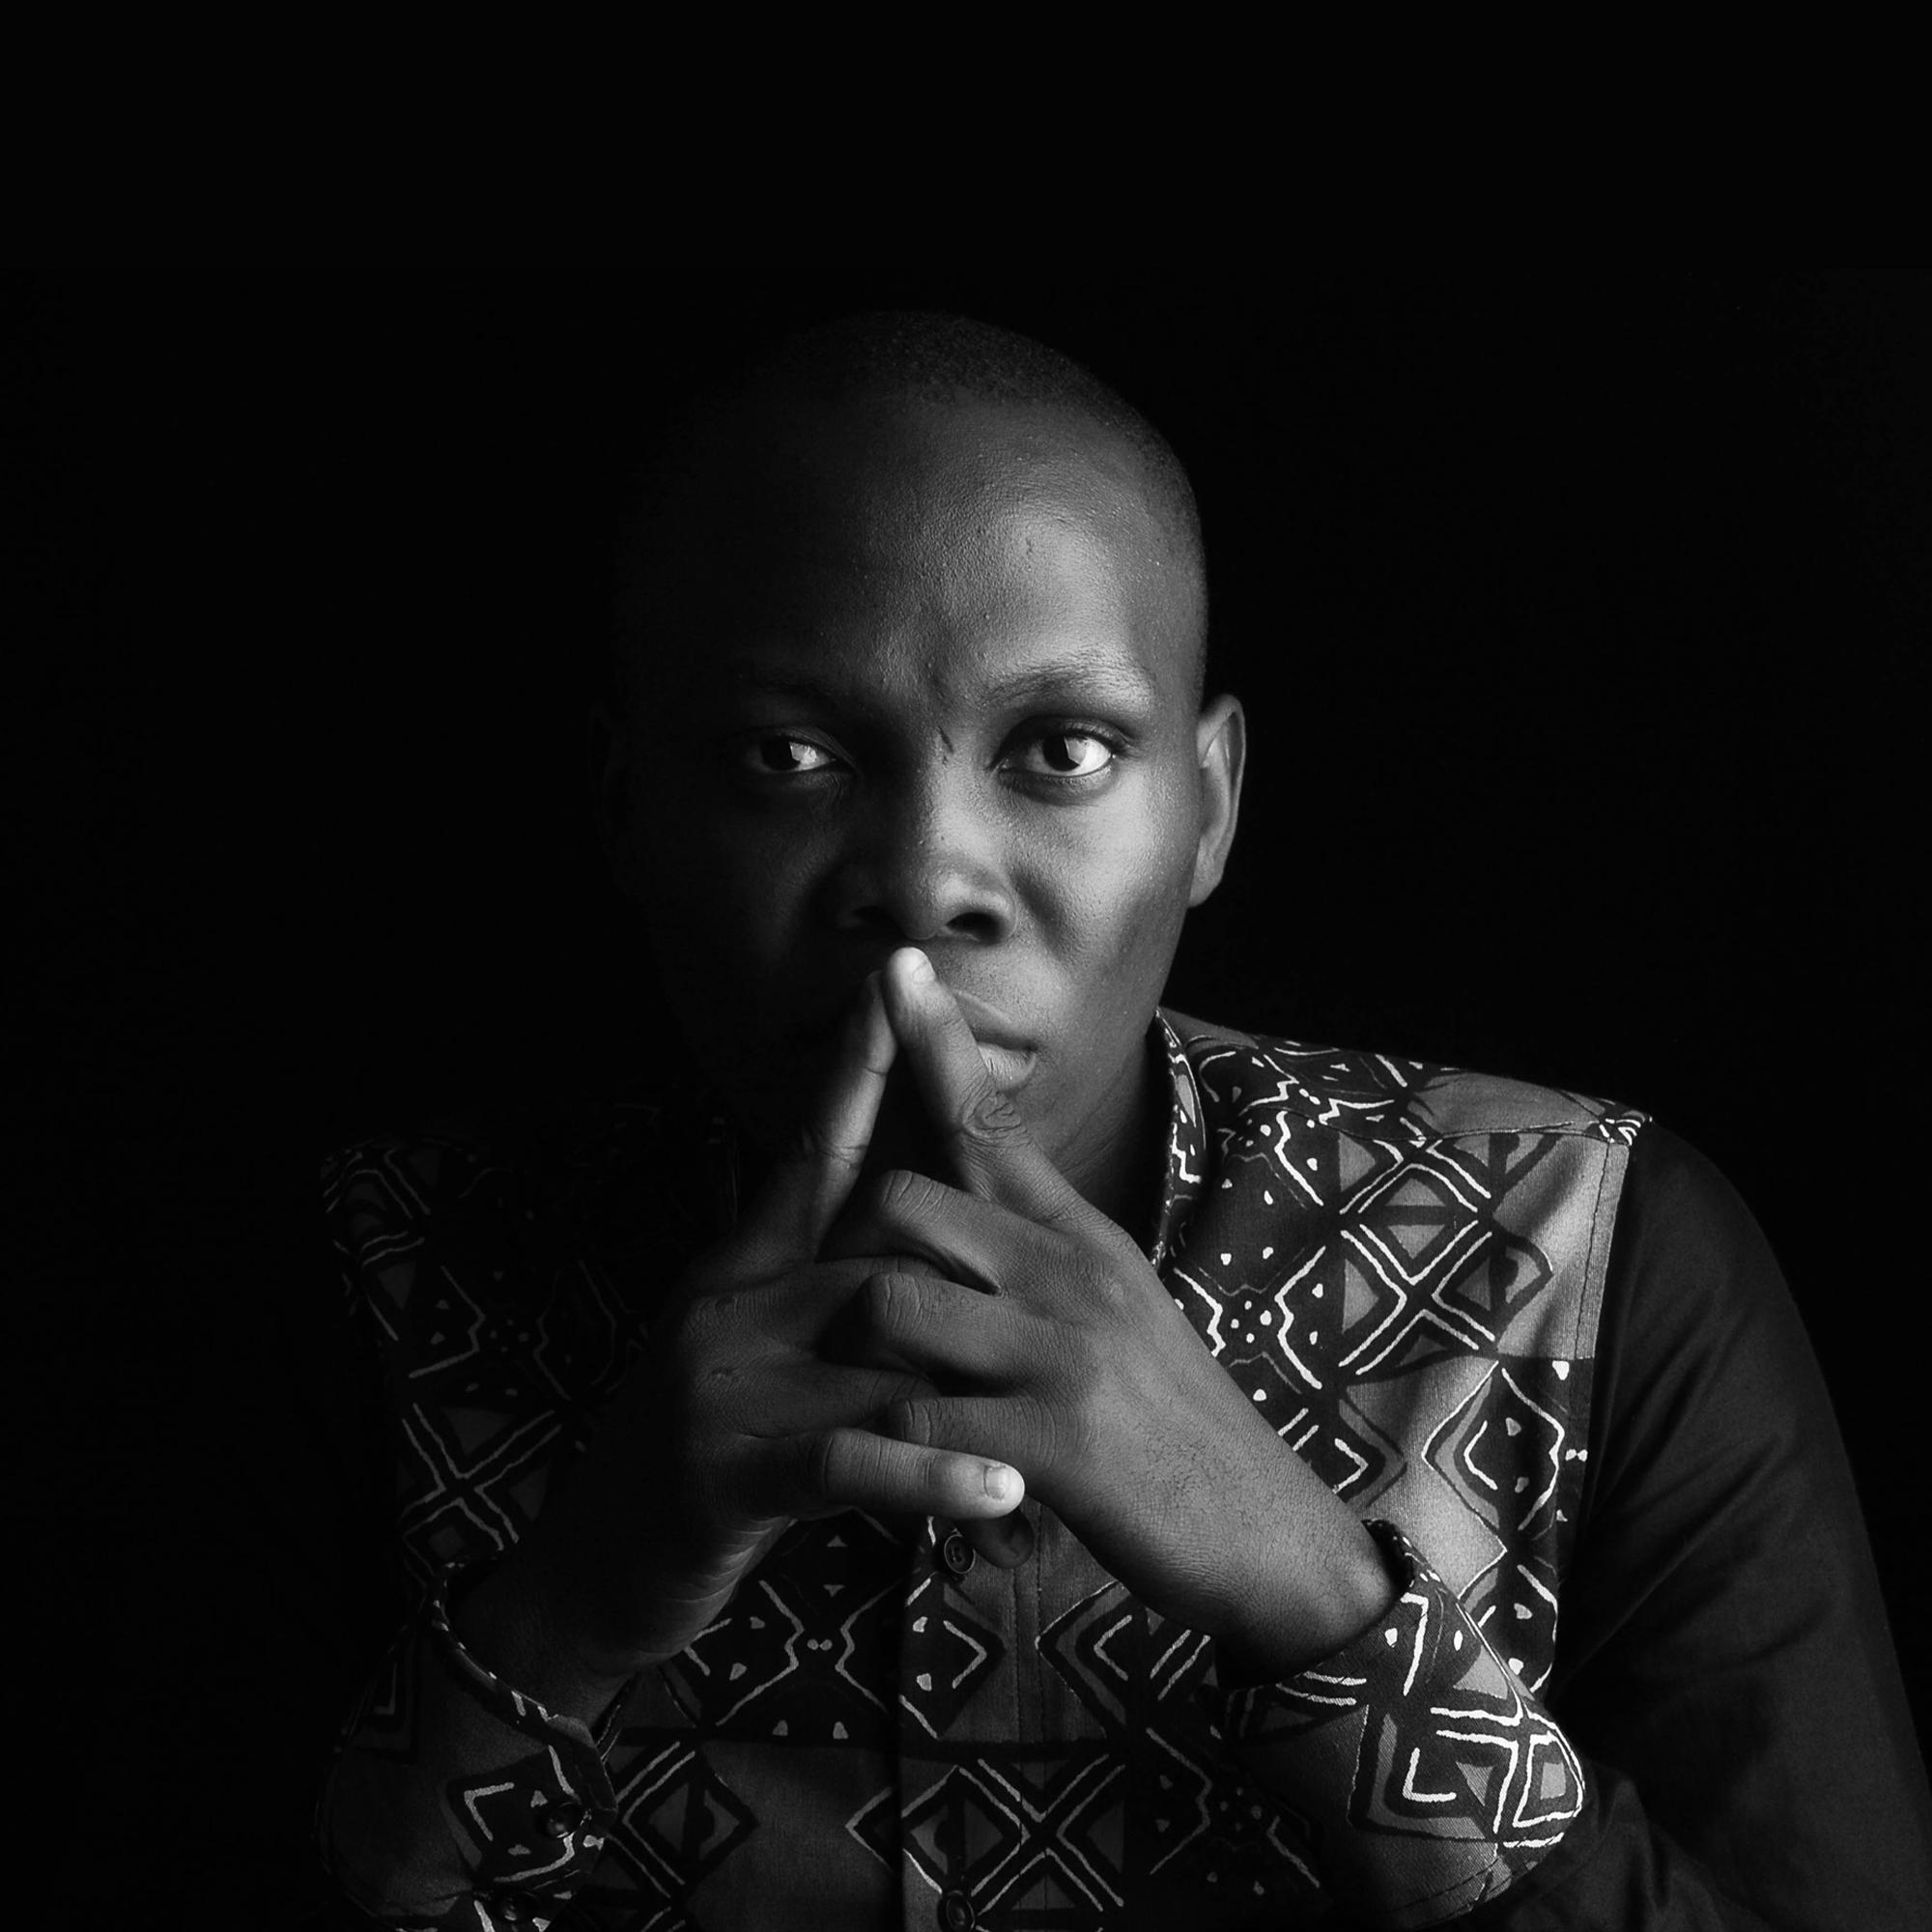 Komy Agboguin; Komy katsoo kameraan kädet ristissä edessä. Kuva on mustavalkoinen.